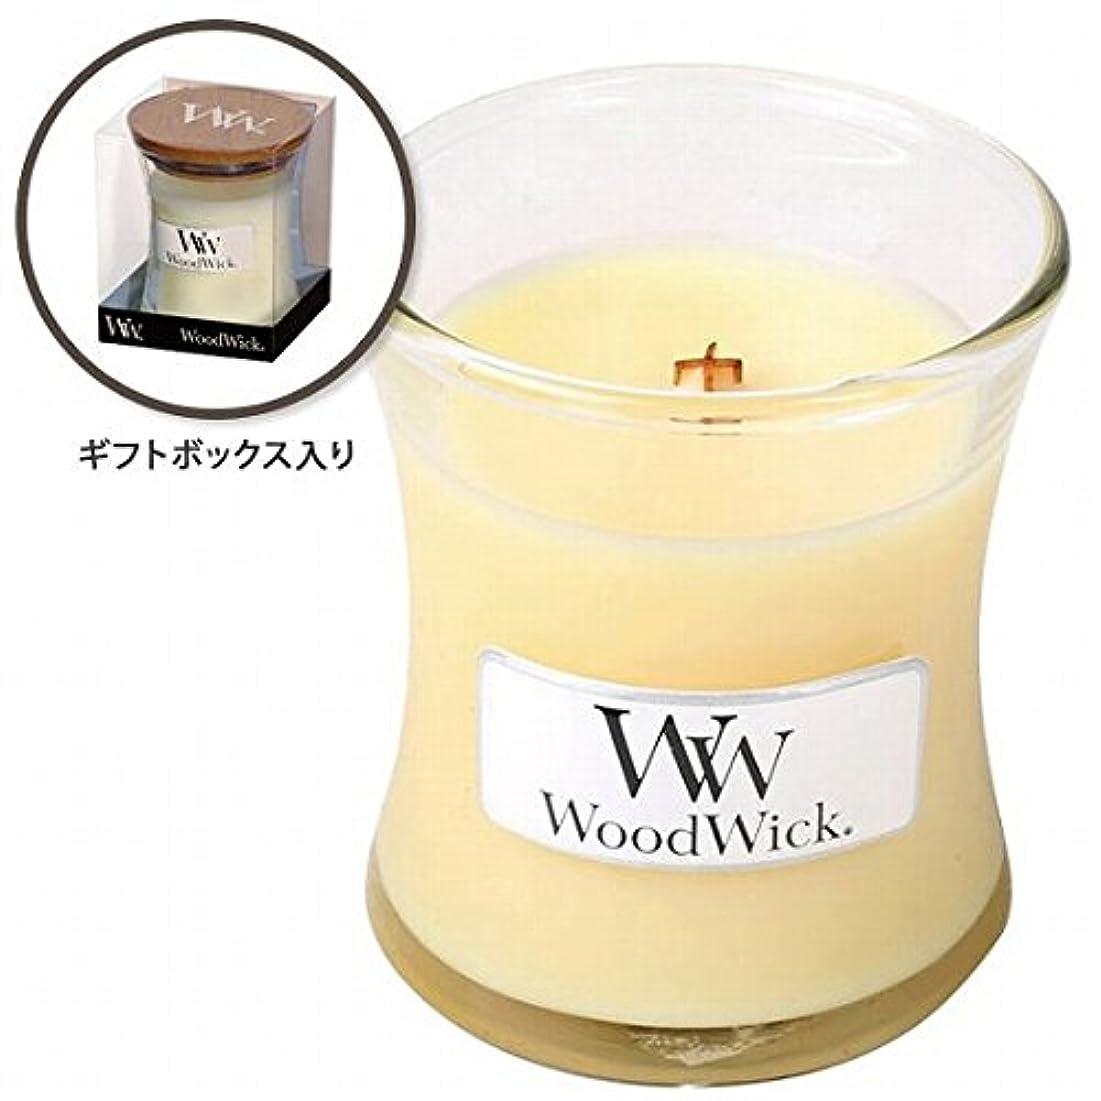 一目フライト自分の力ですべてをするウッドウィック( WoodWick ) Wood WickジャーS 「レモングラス&リリー」